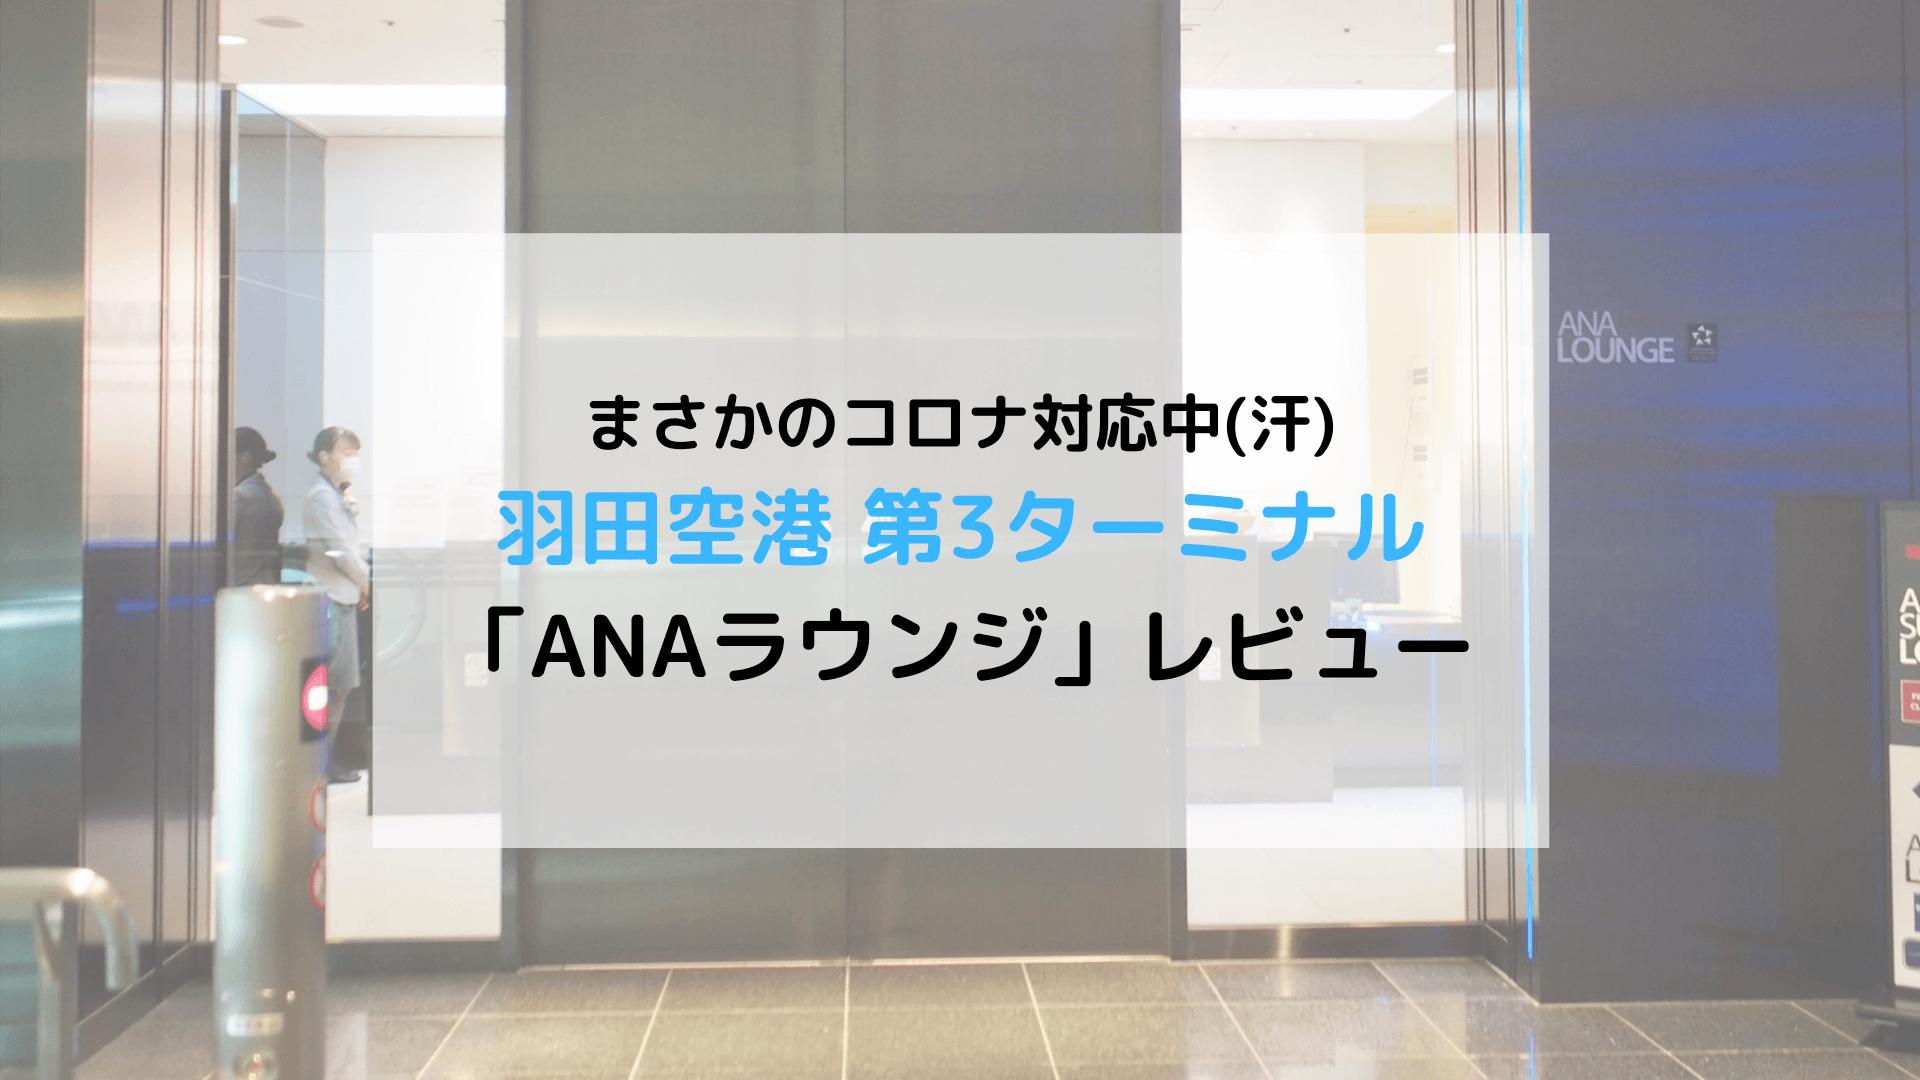 羽田空港 第3ターミナル ANAラウンジ